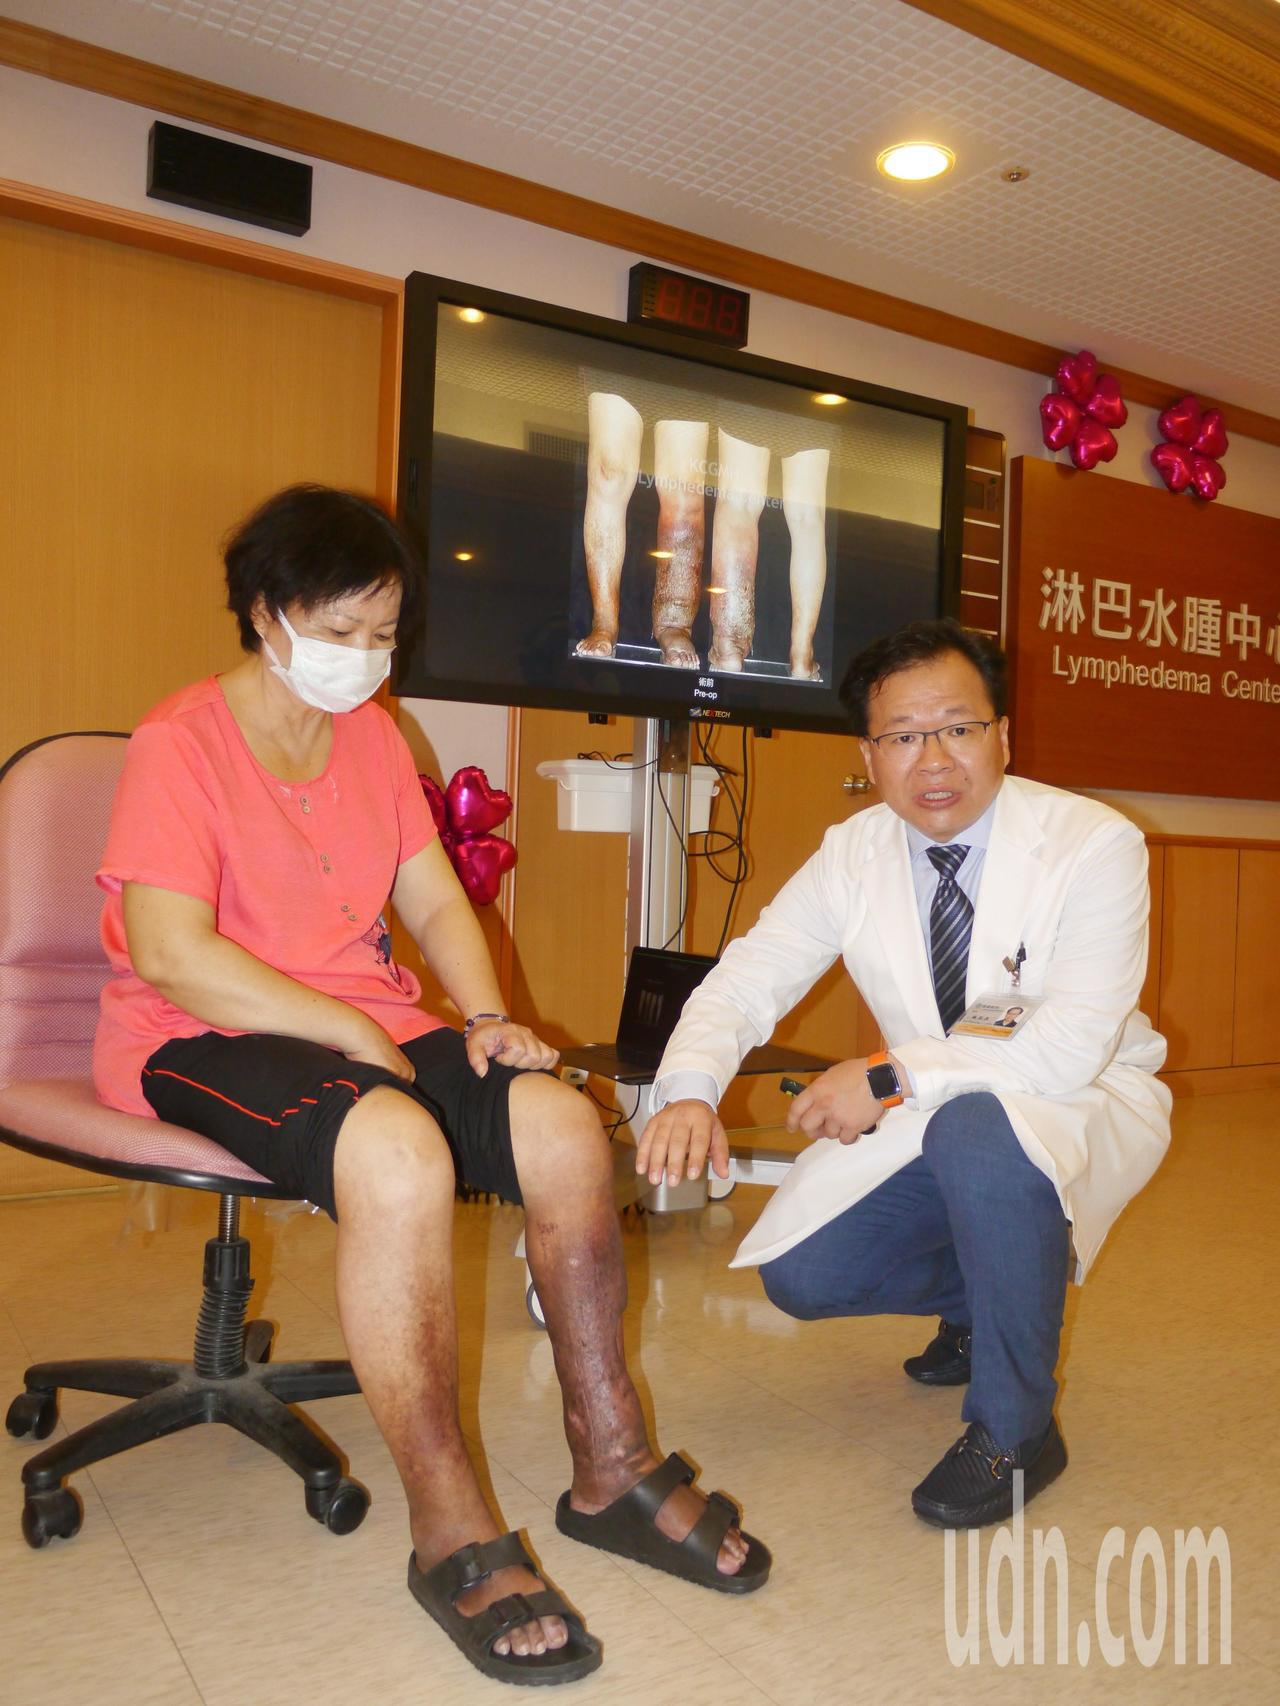 吳姓病友在婦科手術後出現淋巴水腫,目前已經追蹤3年,圖後方照片是開刀前的情況。記...